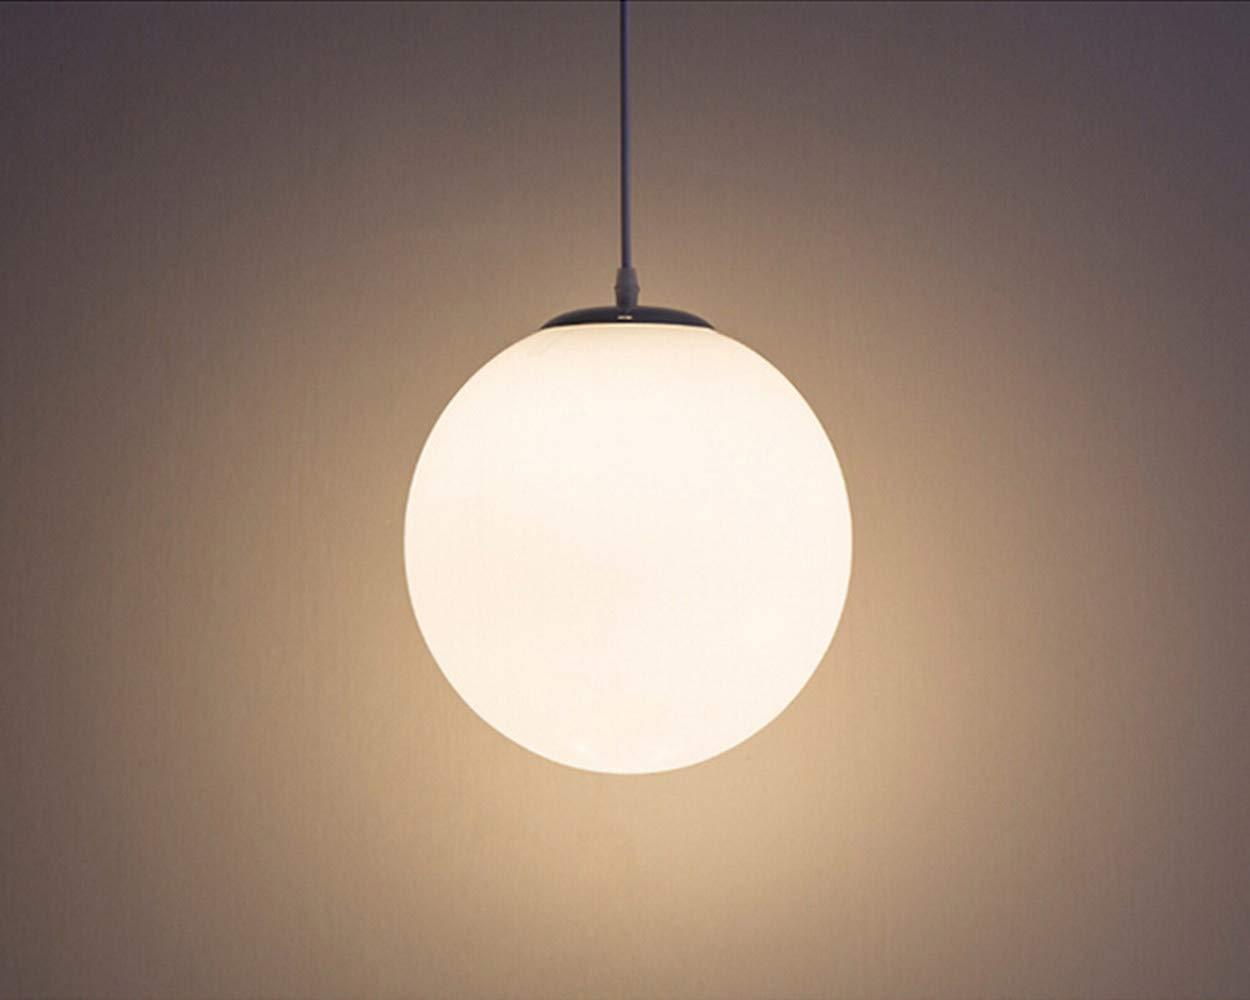 AUA Lampadario con sfera di vetro, Lampada a sospensione, Lampada interna singola per Camera da letto, Soggiorno, Corridoio, Ristorante, Bar